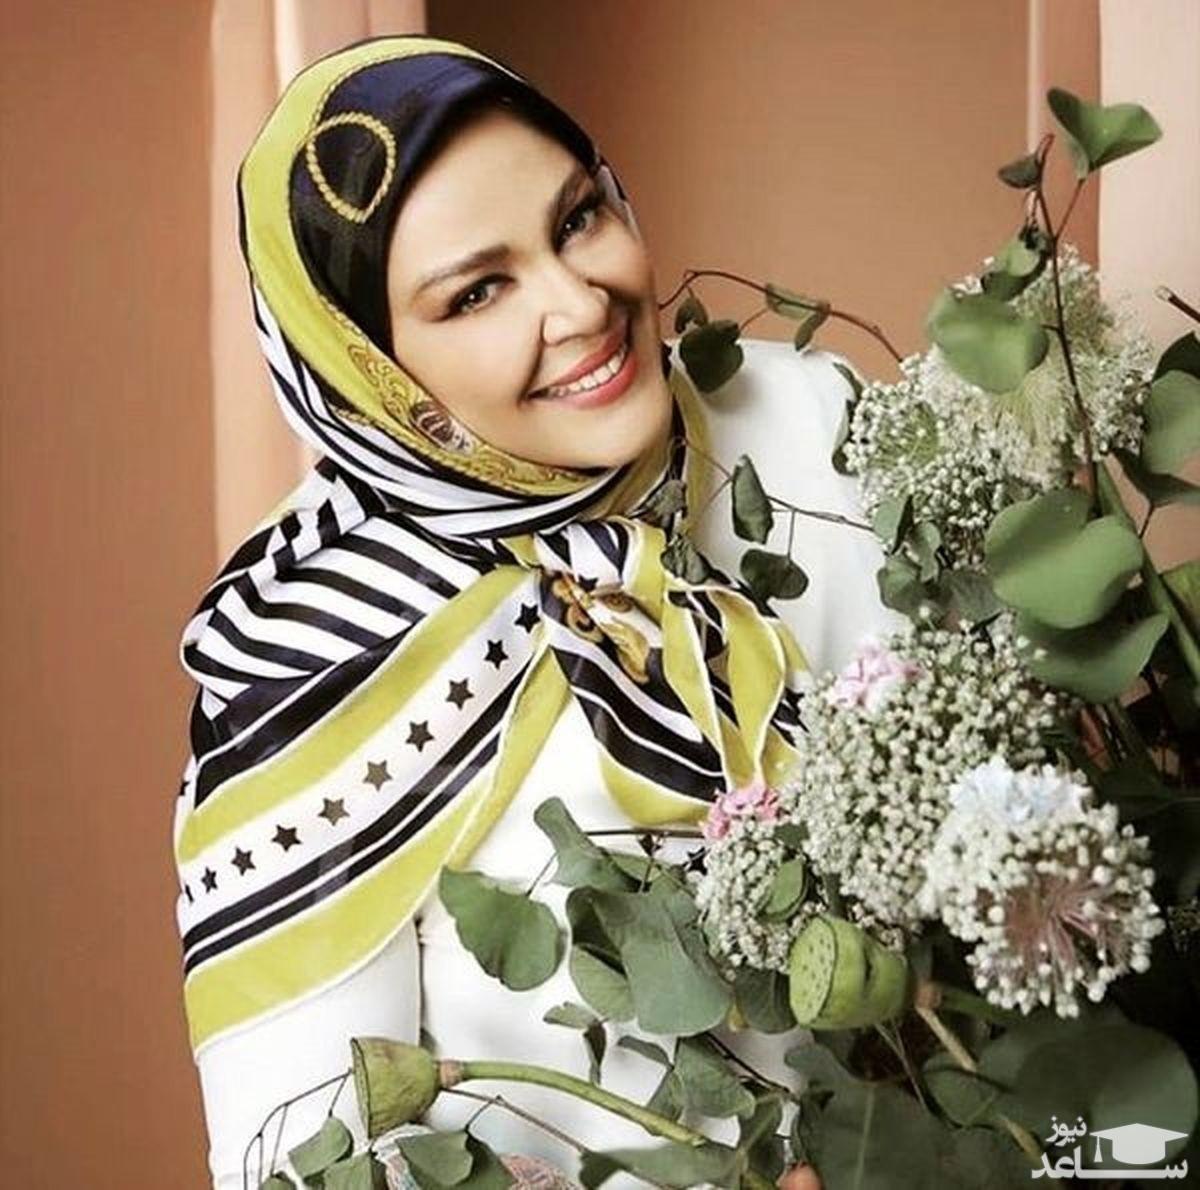 مادرشدن بهاره رهنما از همسر دومش جنجالی شد +عکس